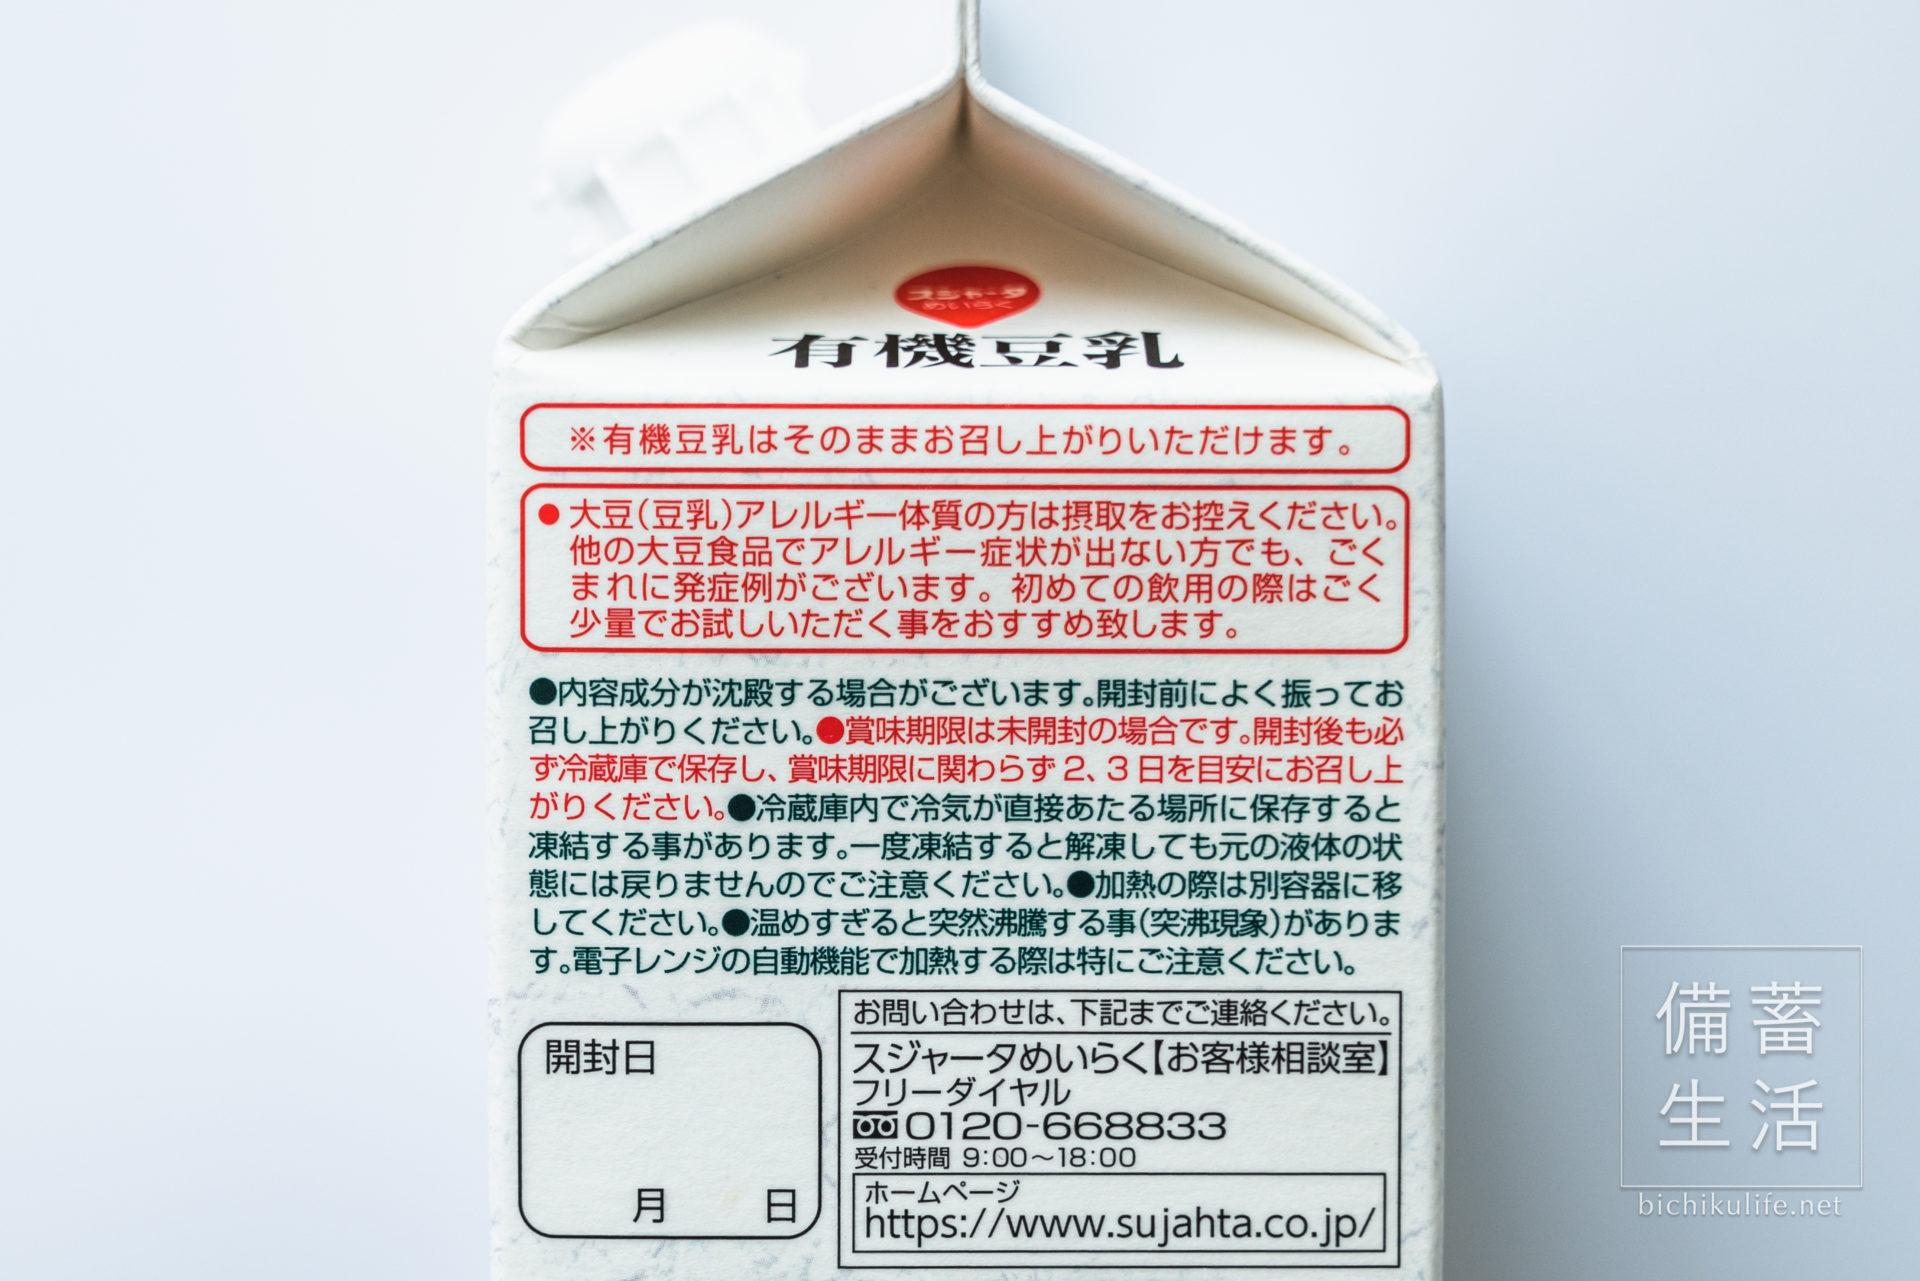 スジャータめいらく 無調整 有機豆乳 使用上の注意